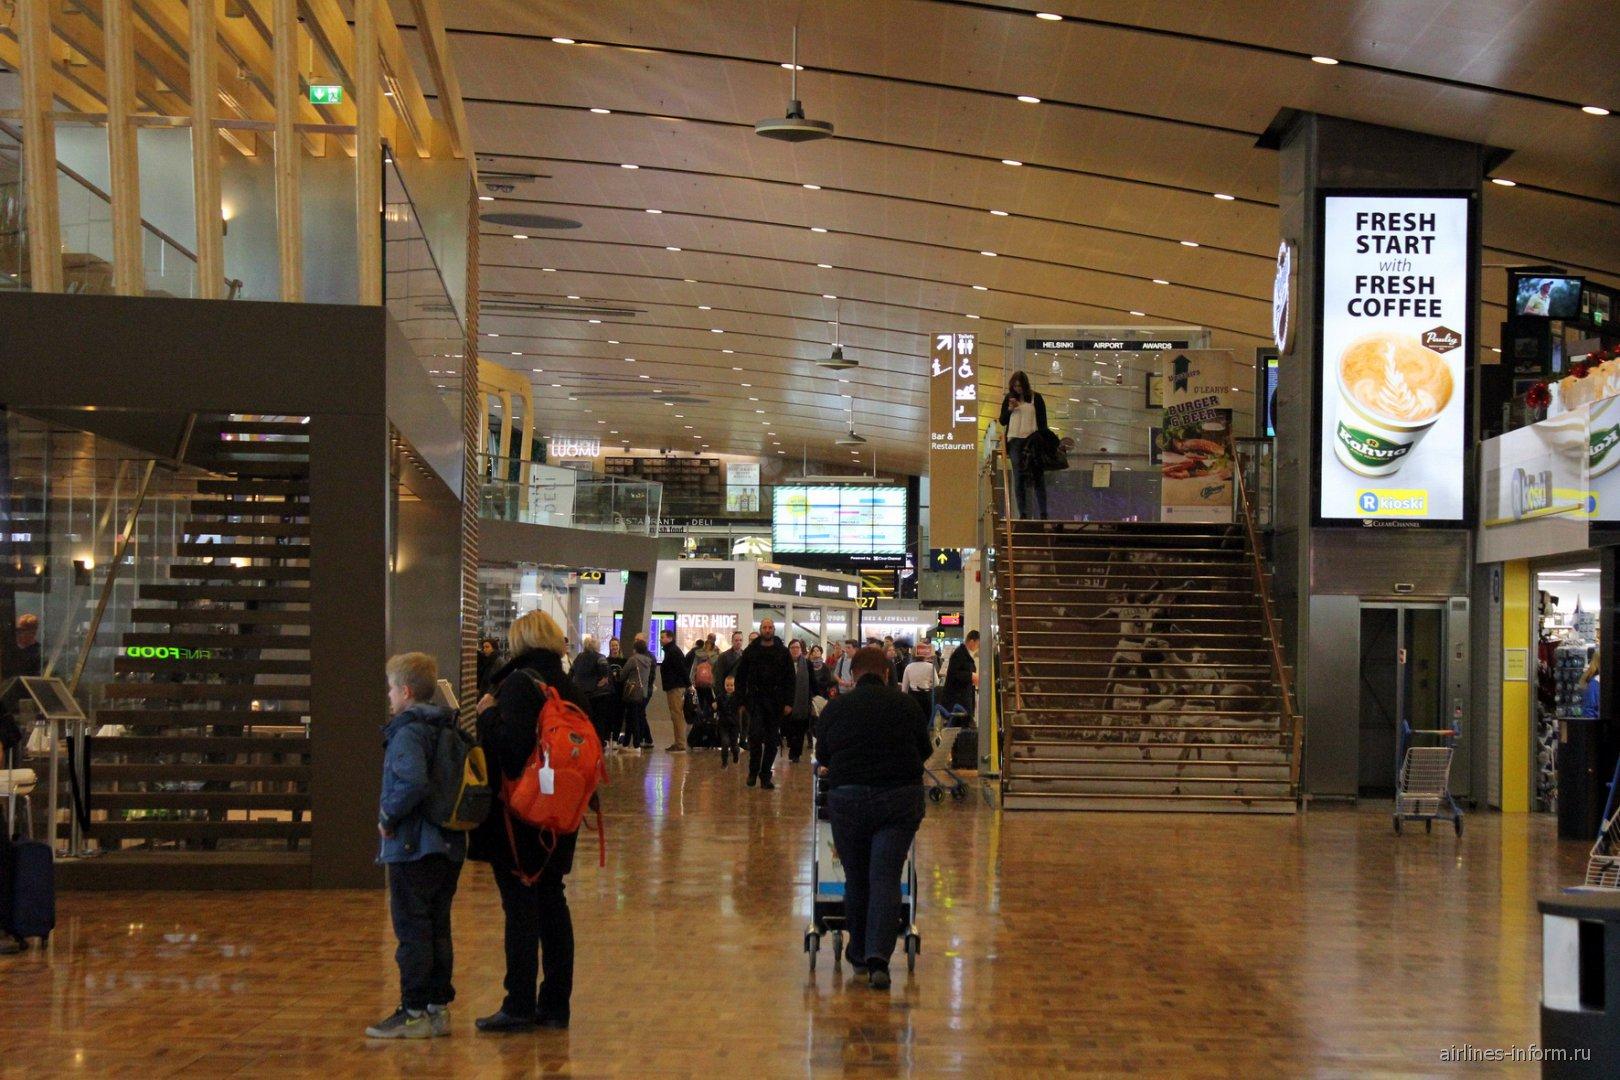 В чистой зоне терминала 2 аэропорта Хельсинки Вантаа